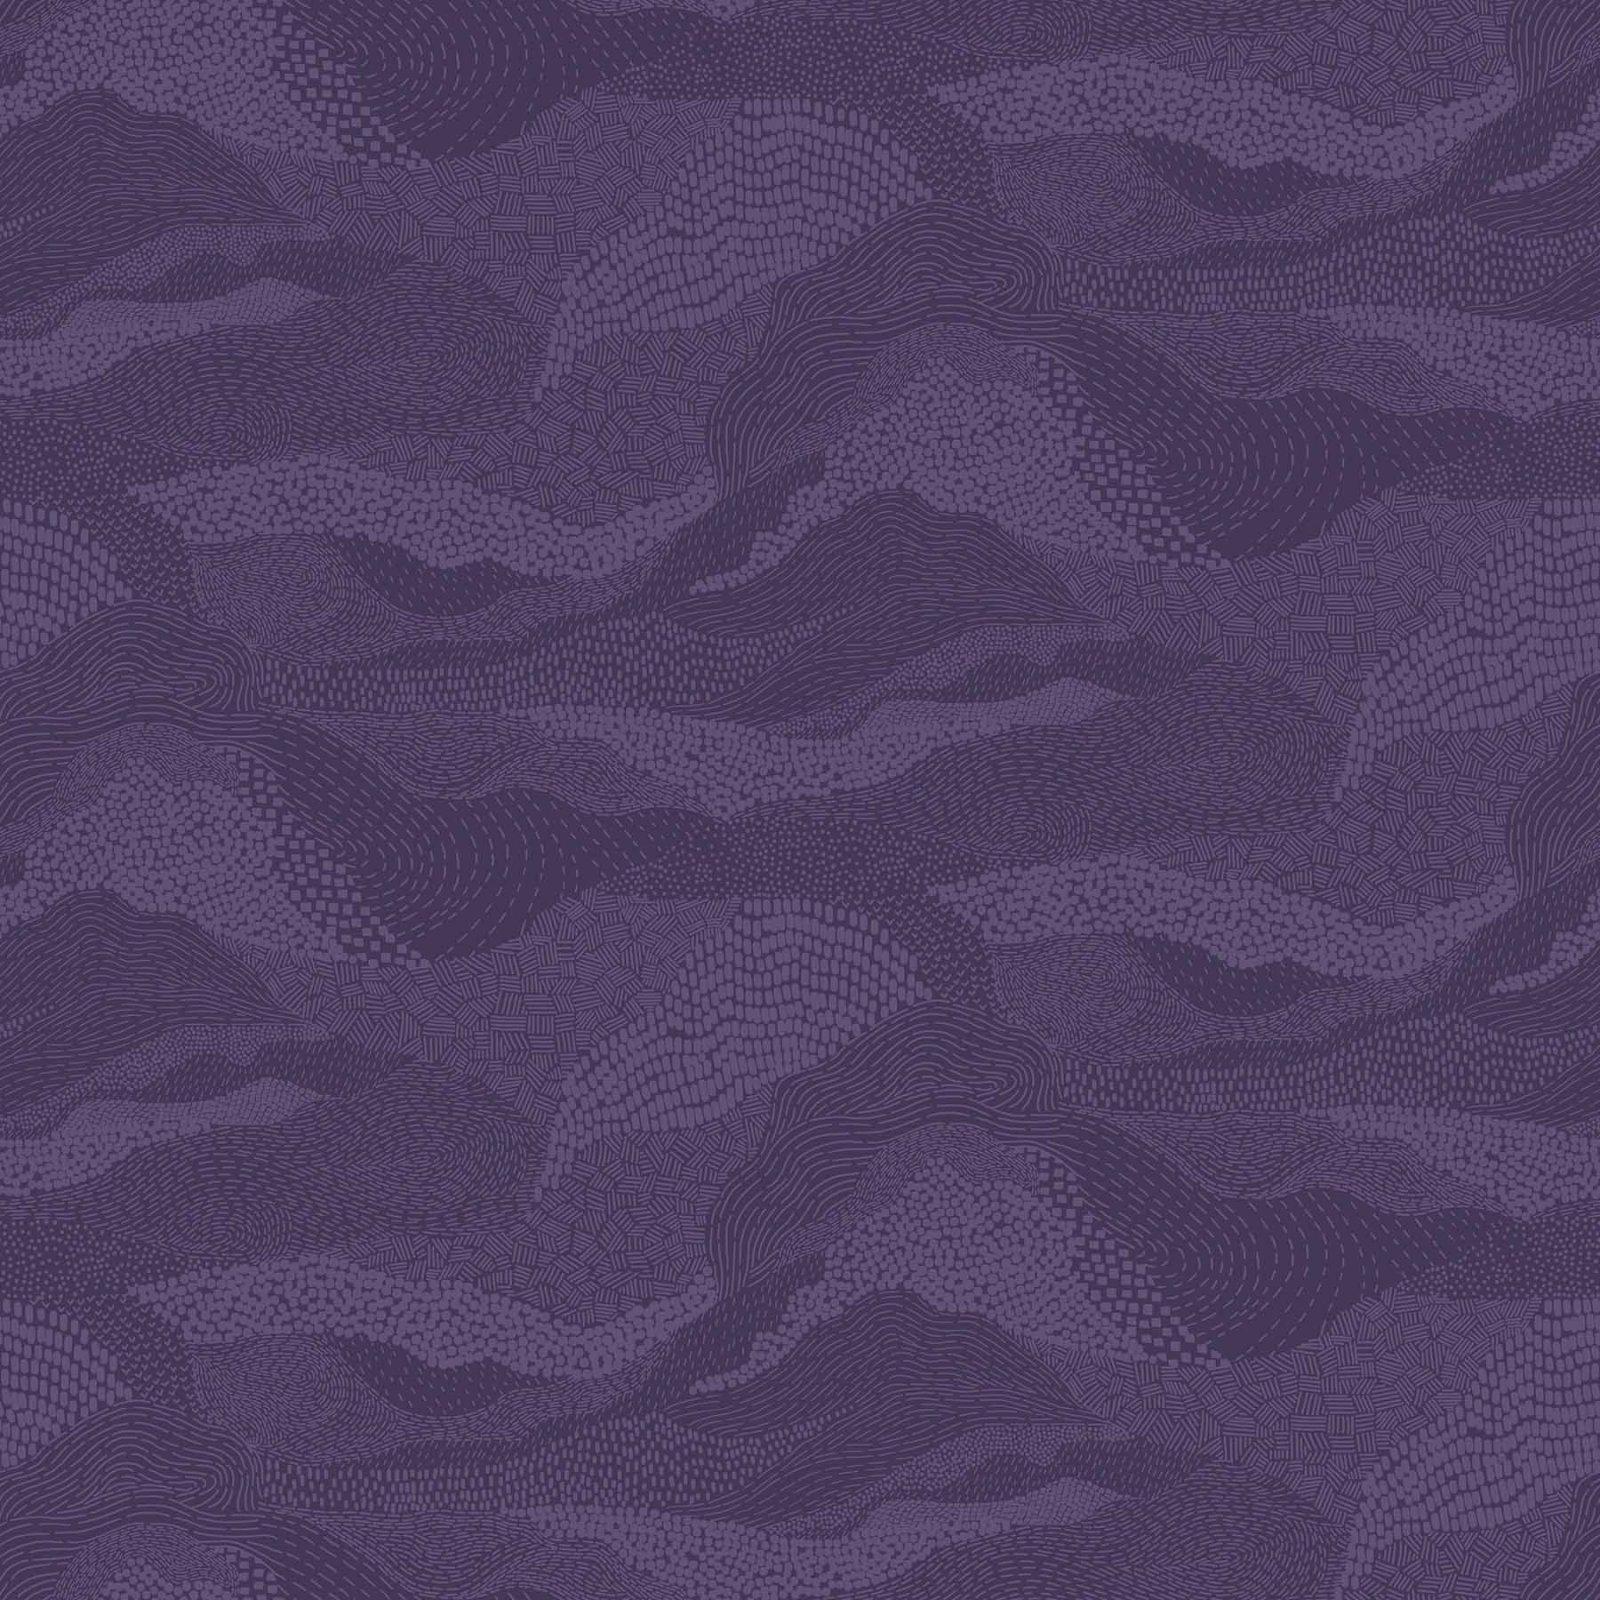 Elements by Ghazal Razavi - Earth - Purple